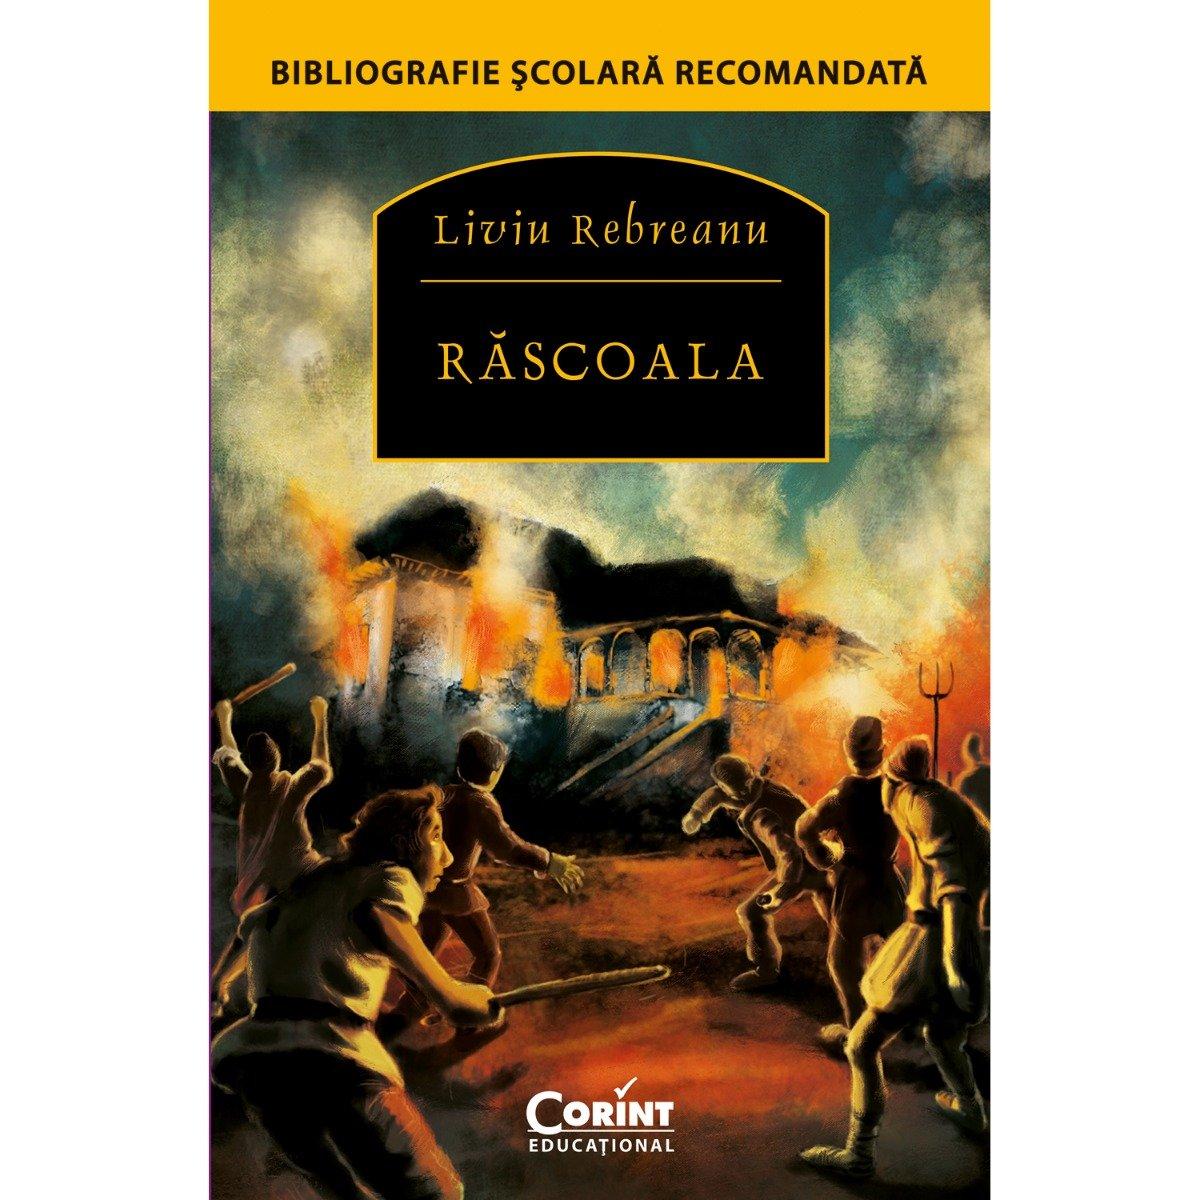 Carte Editura Corint, Rascoala, Liviu Rebreanu